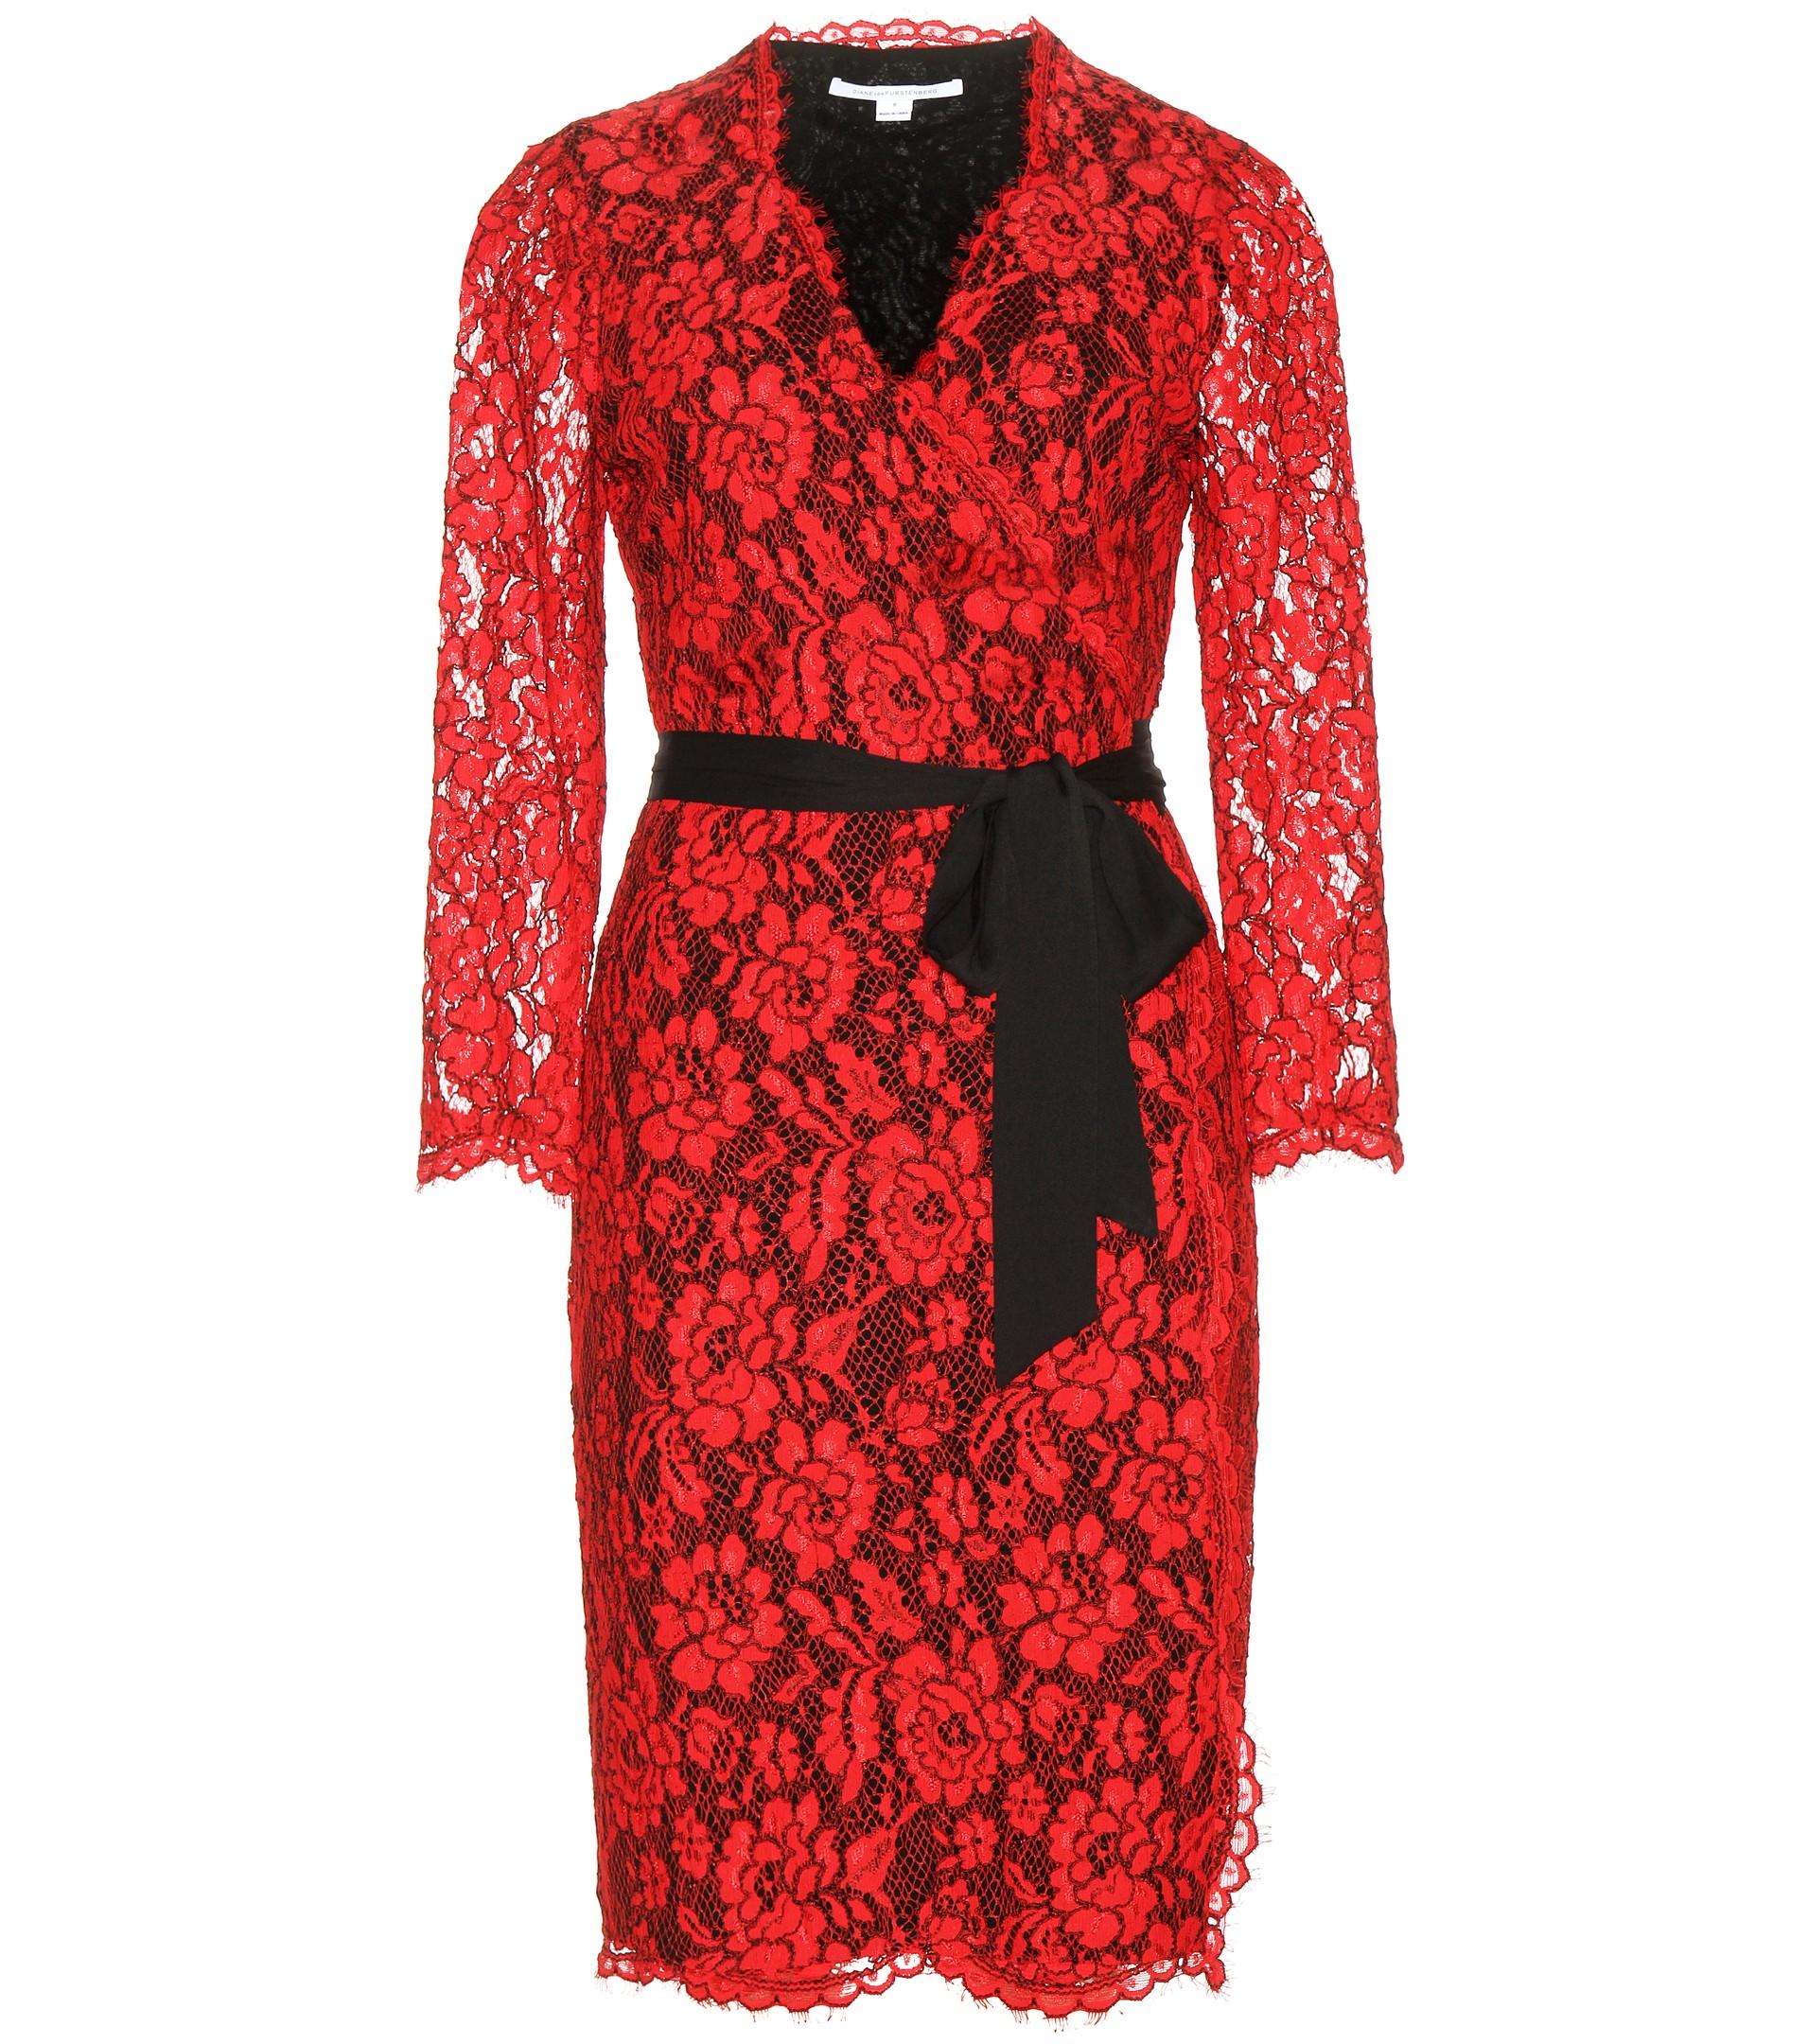 Diane von Furstenberg Julianna red lace wrap dress with black self tie belt 749 dollars